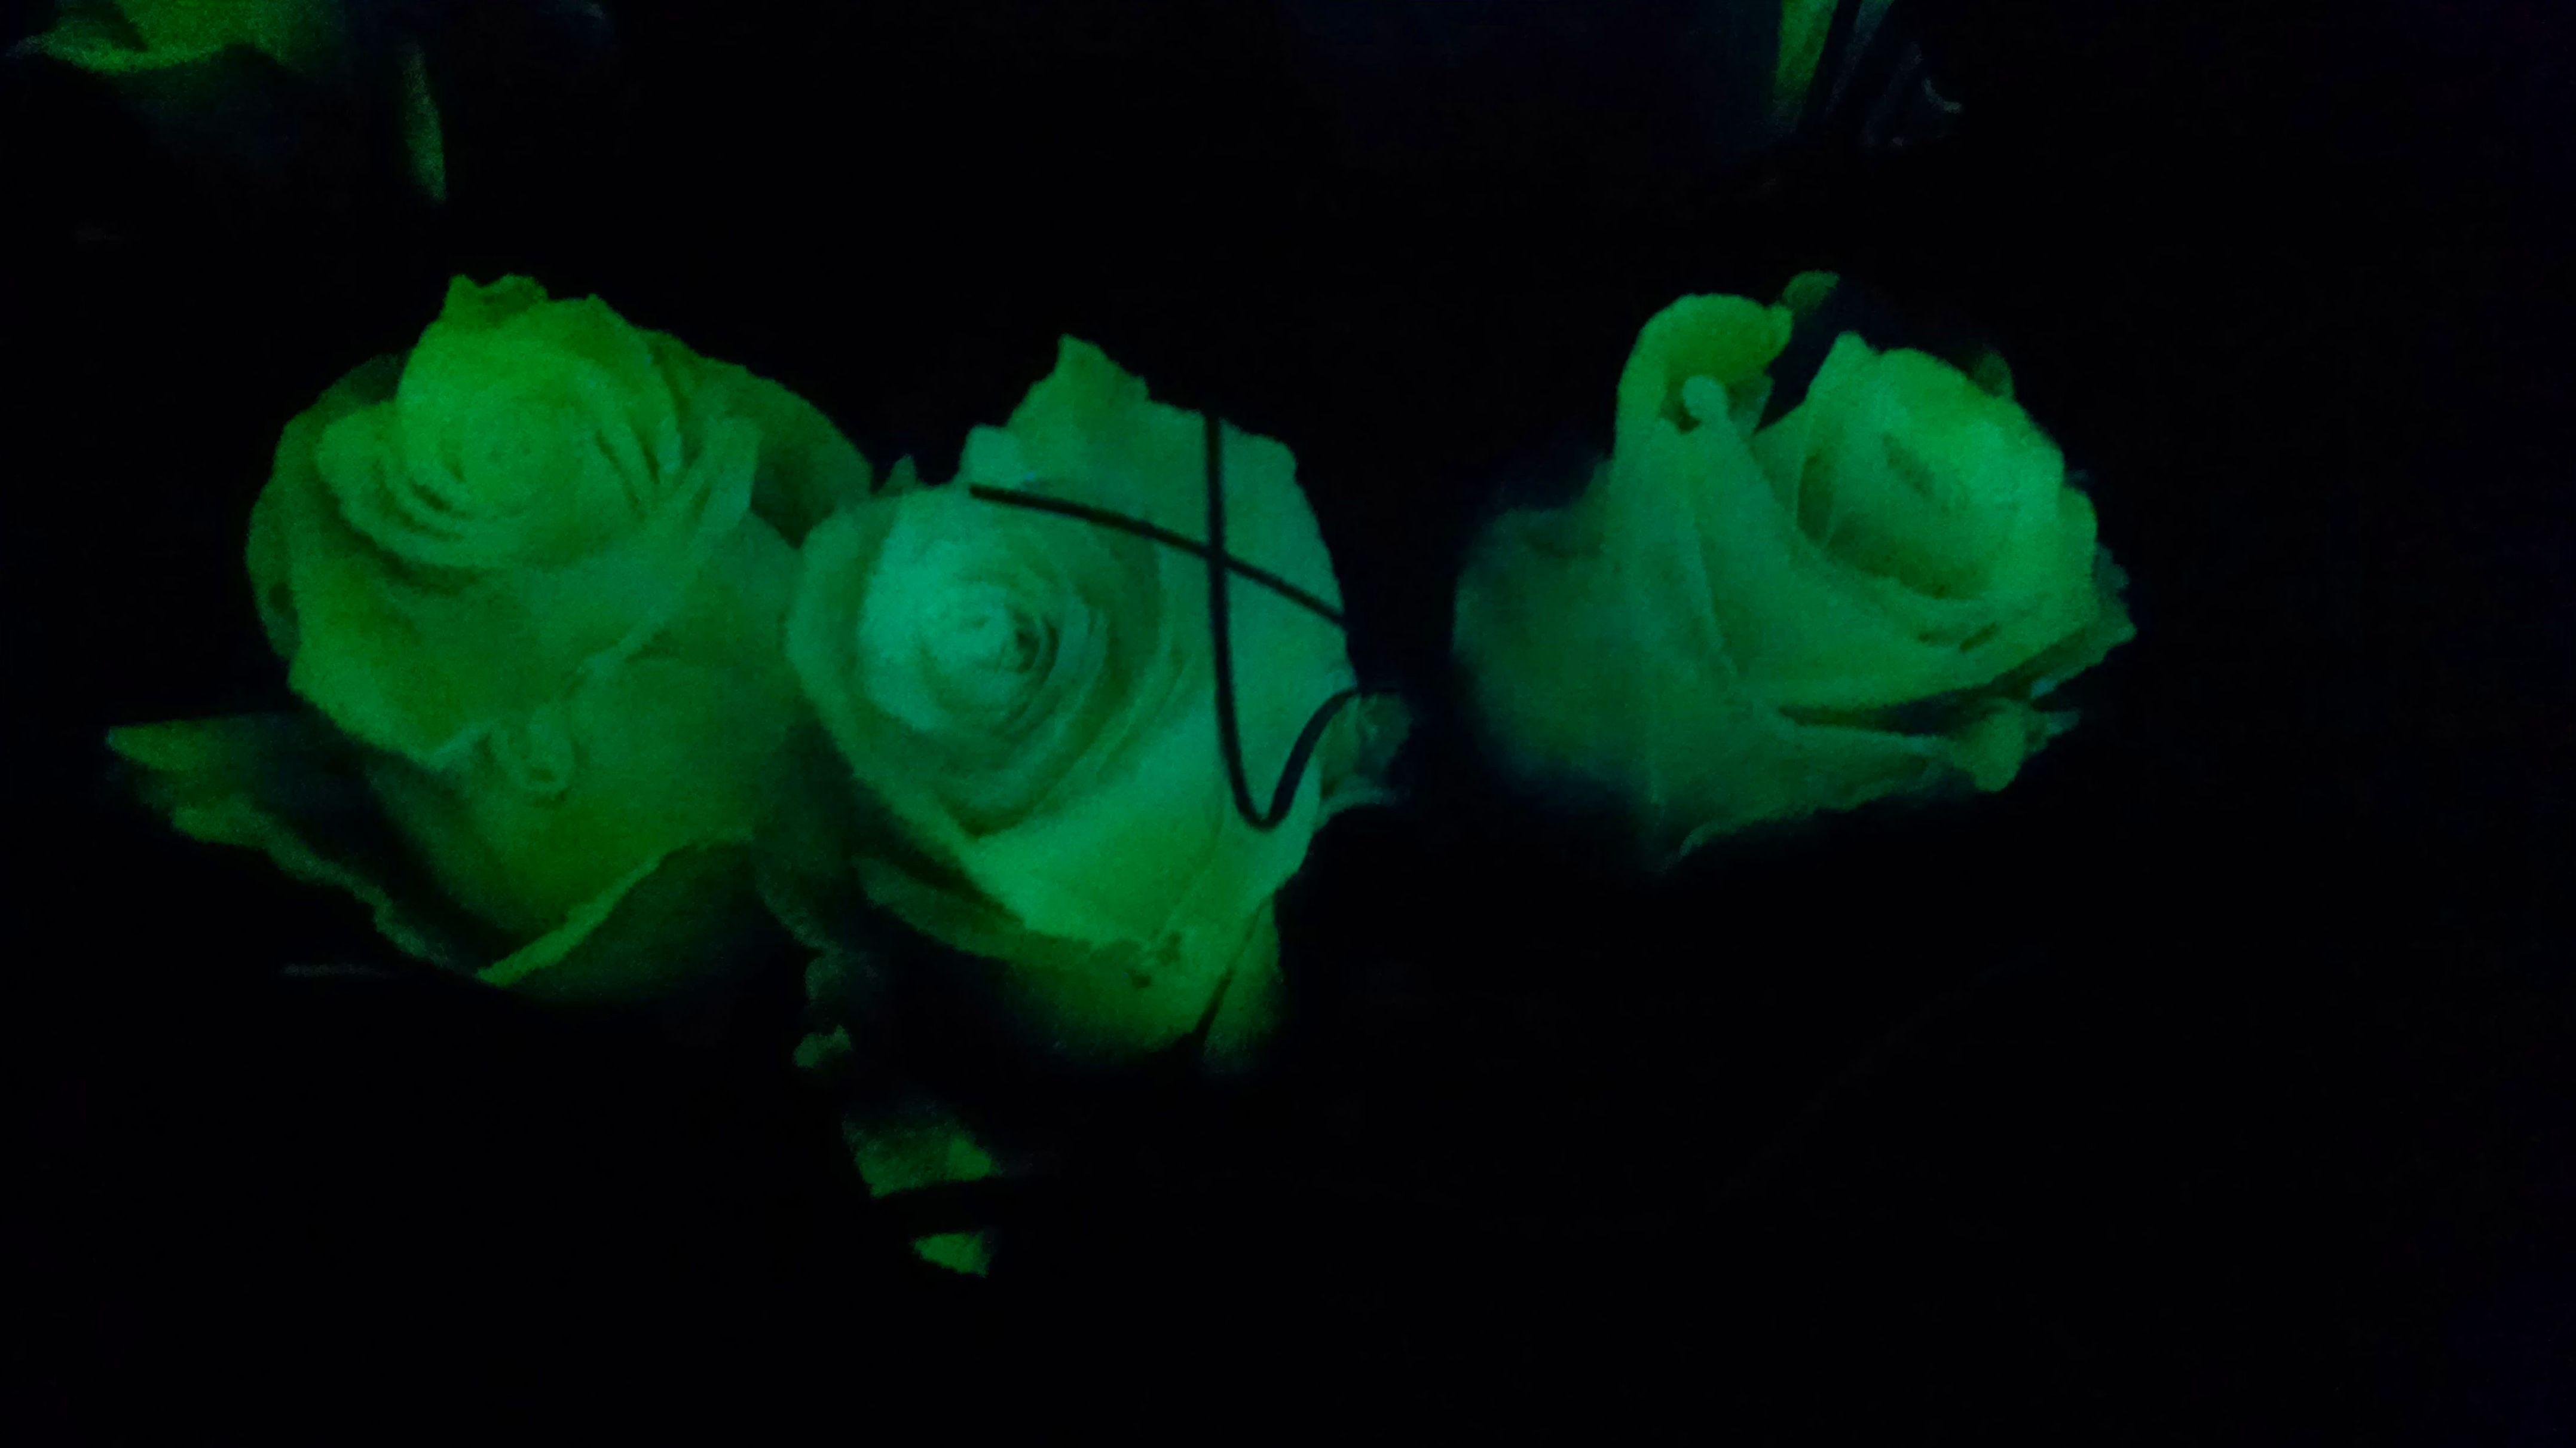 Detalle de rosas que se iluminan